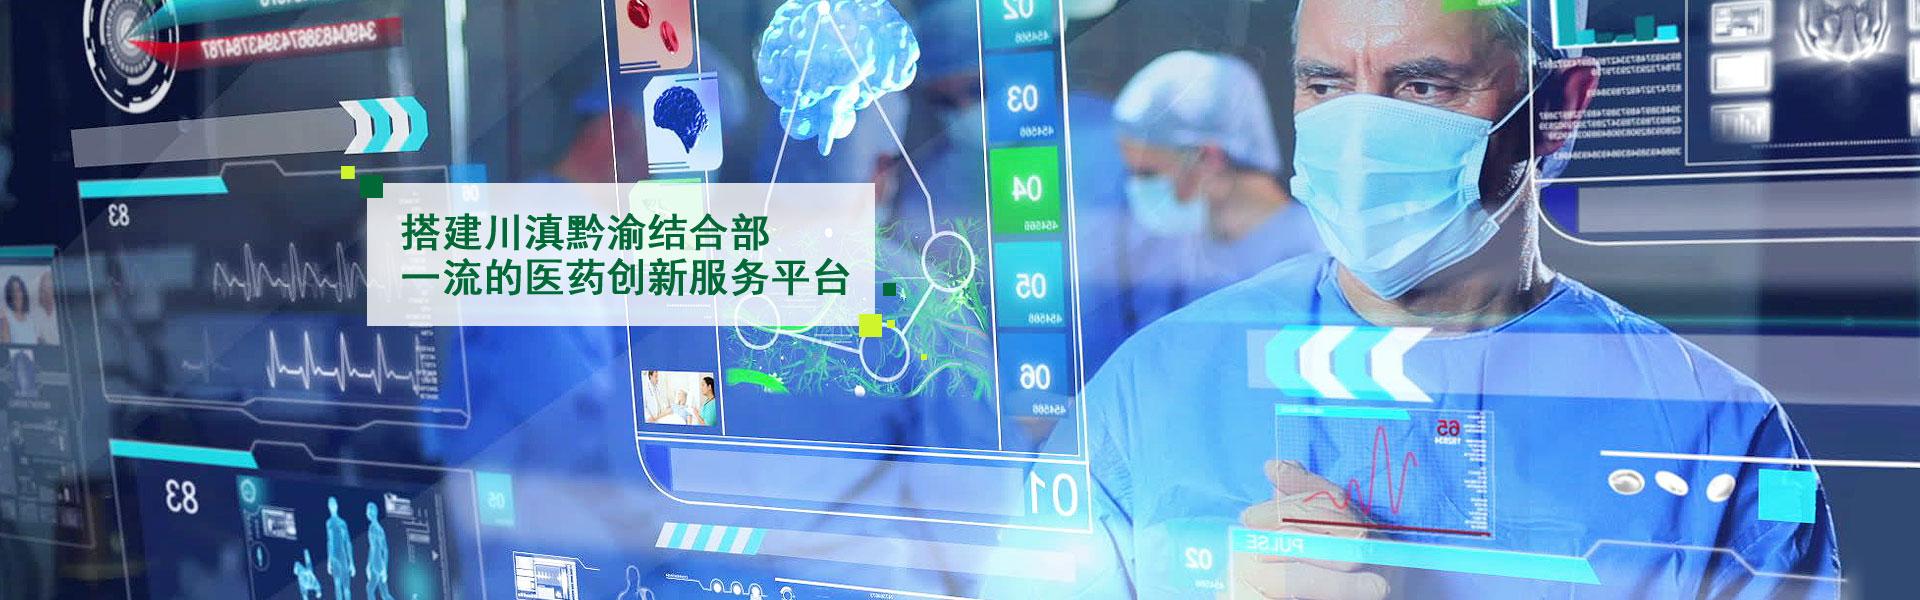 力争搭建川滇黔渝结合部一流的医药创新服务平台